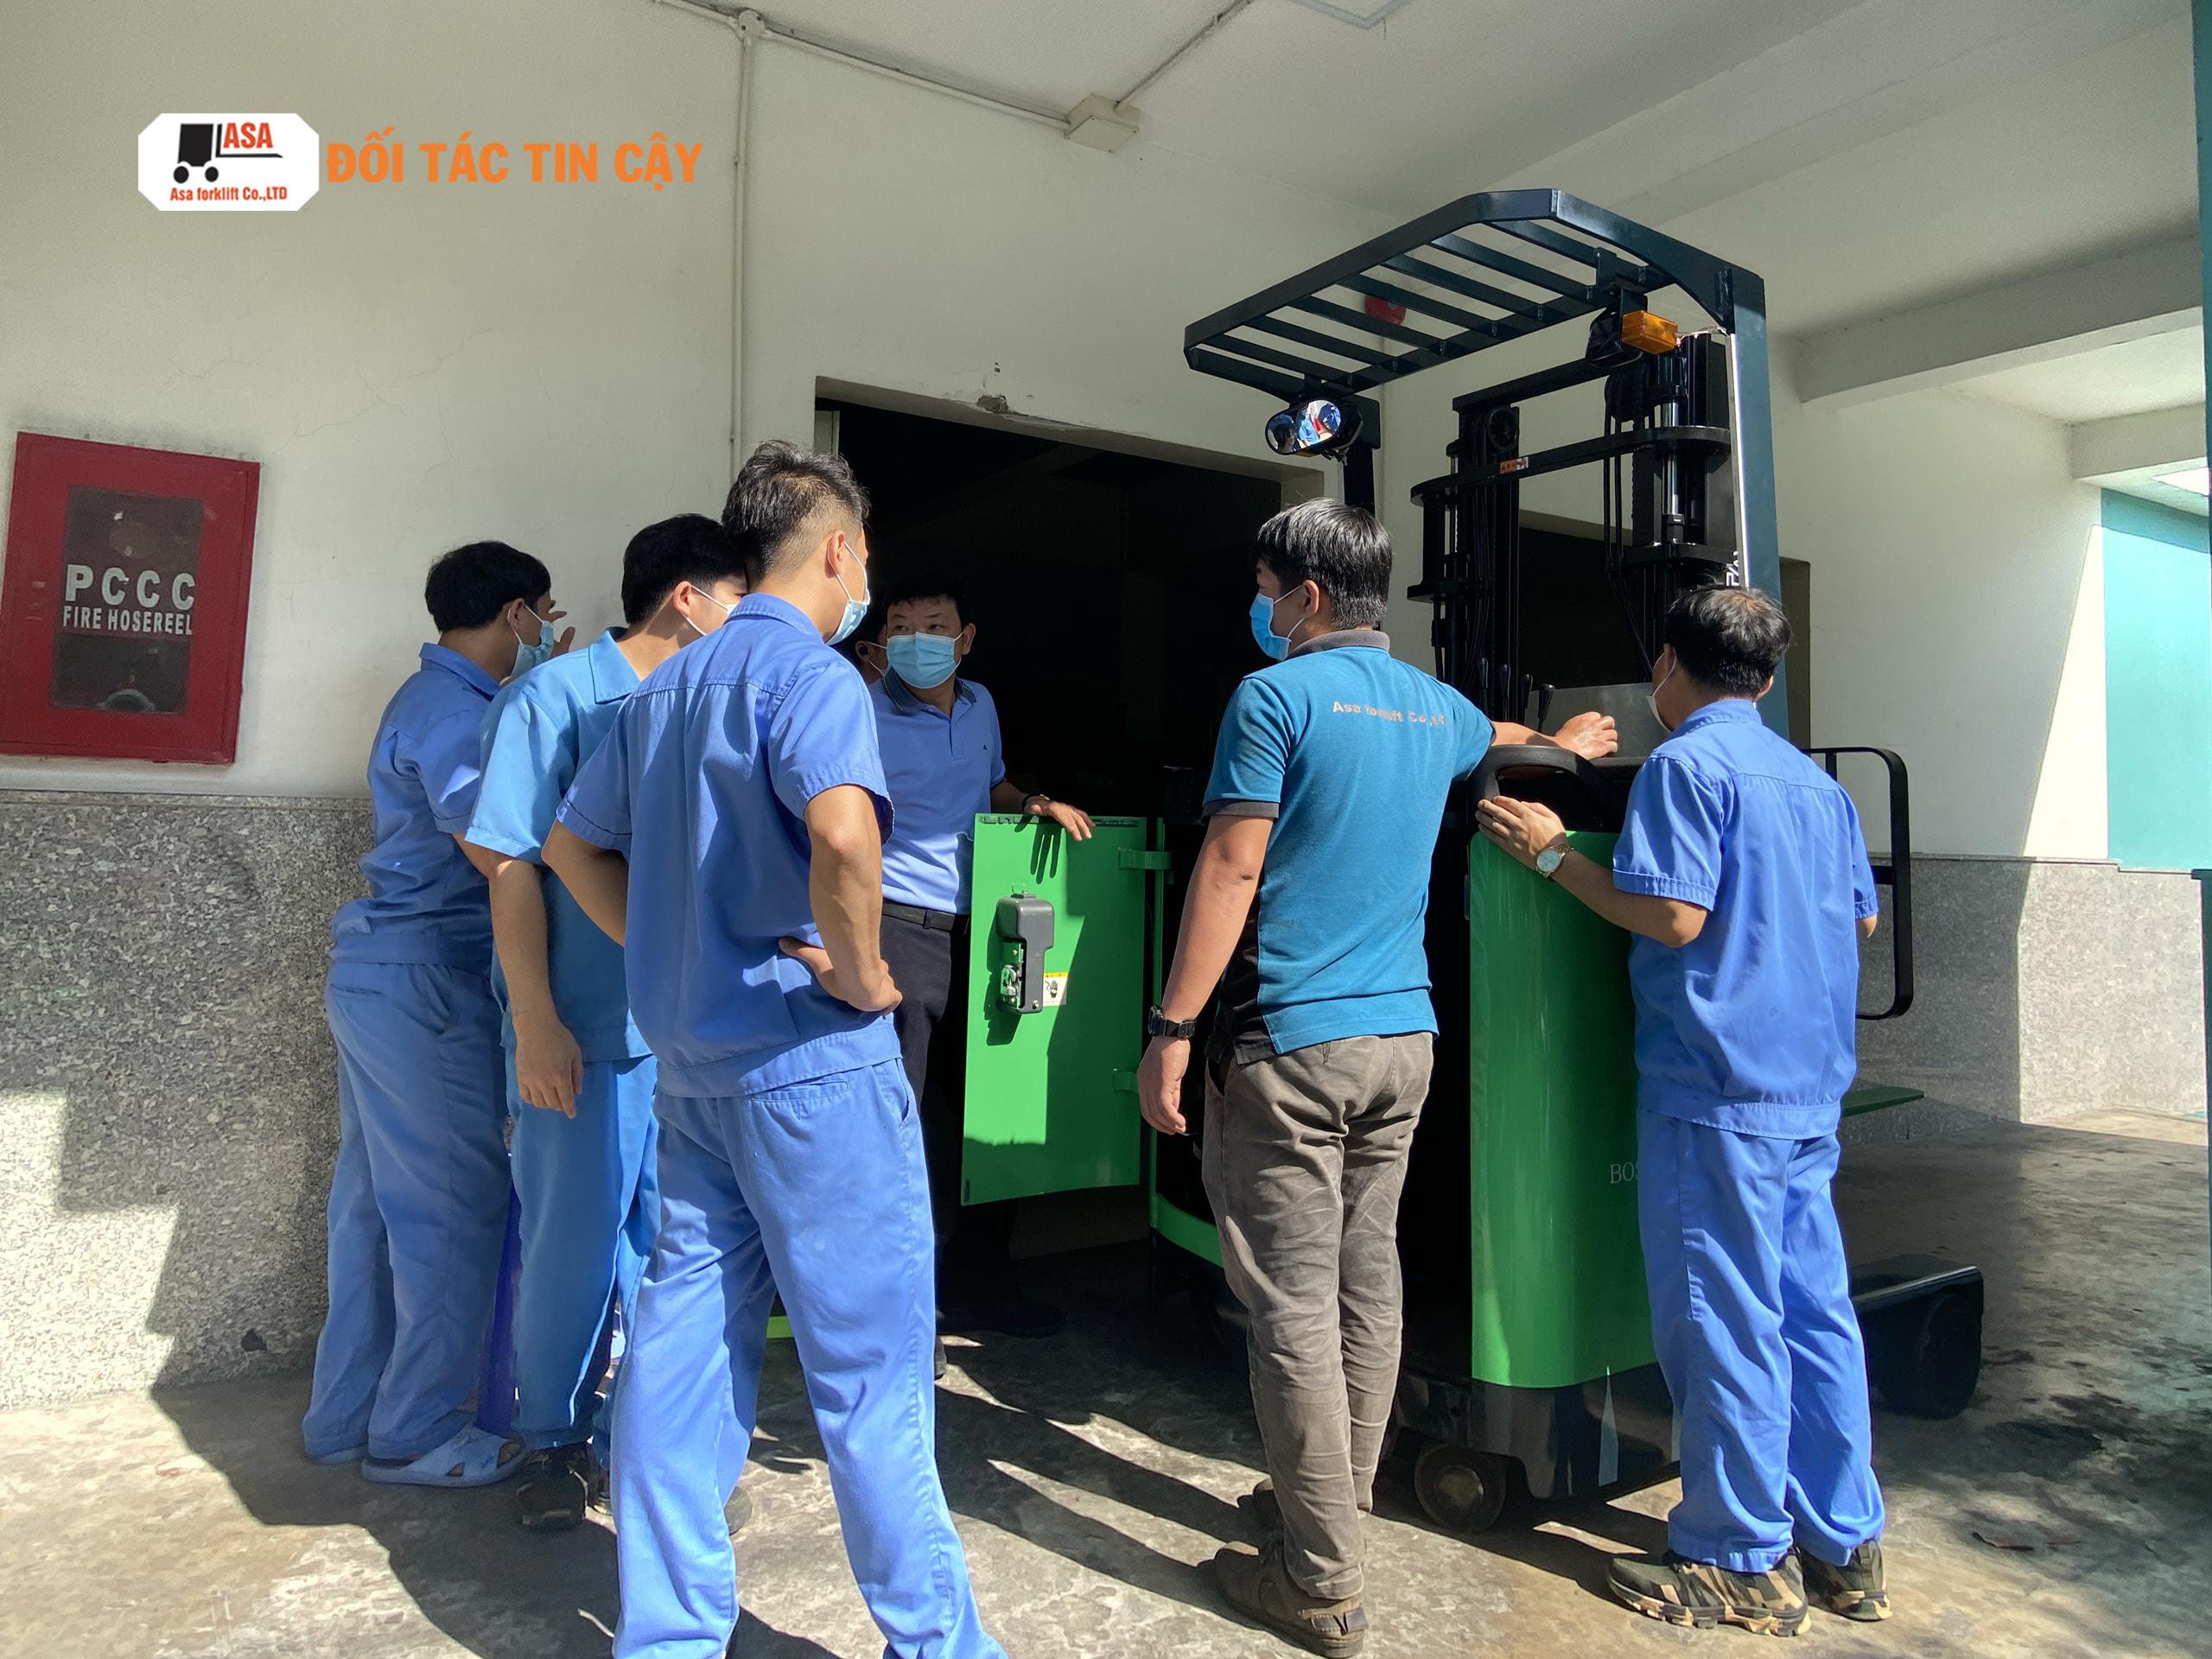 Xe cu gia re TPHCM được phân phối tại ASA và được nhân viên Asa hướng dẫn cách sử dụng tận tình